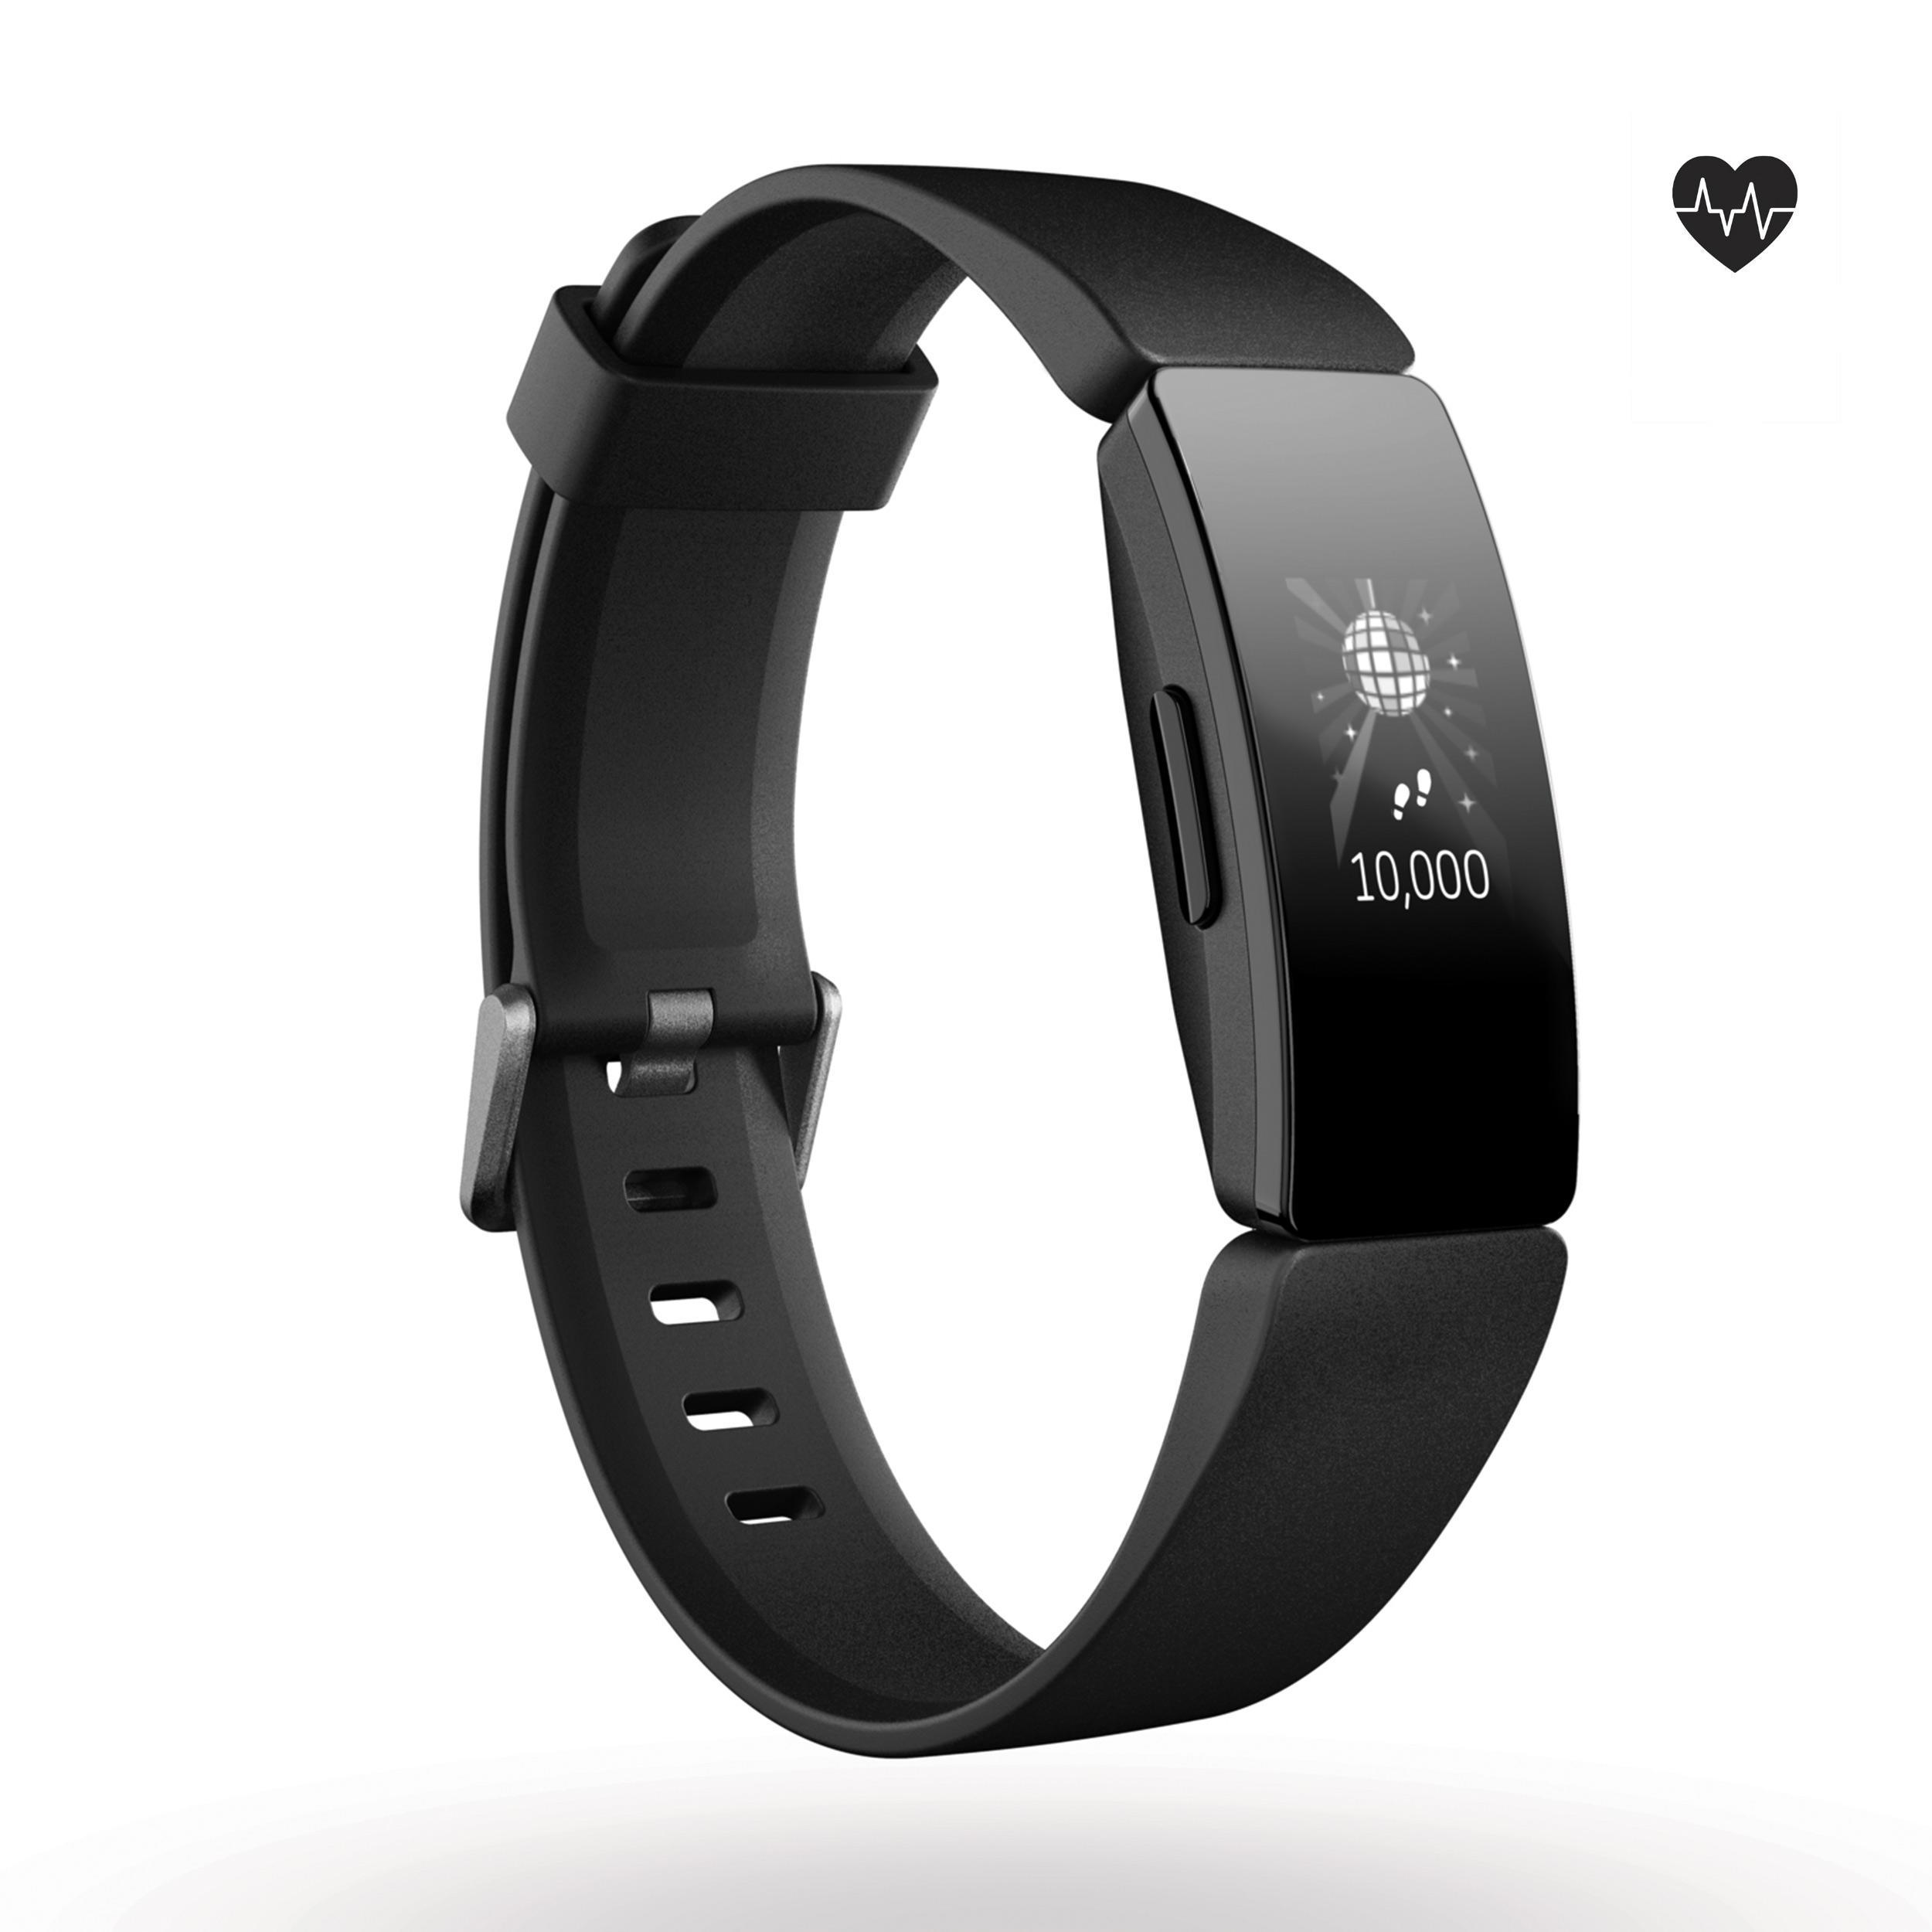 Fitnessarmband Inspire HR mit Herzfrequenzmessung am Handgelenk schwarz | Schmuck > Armbänder > Fitness-Armbänder | Fitbit